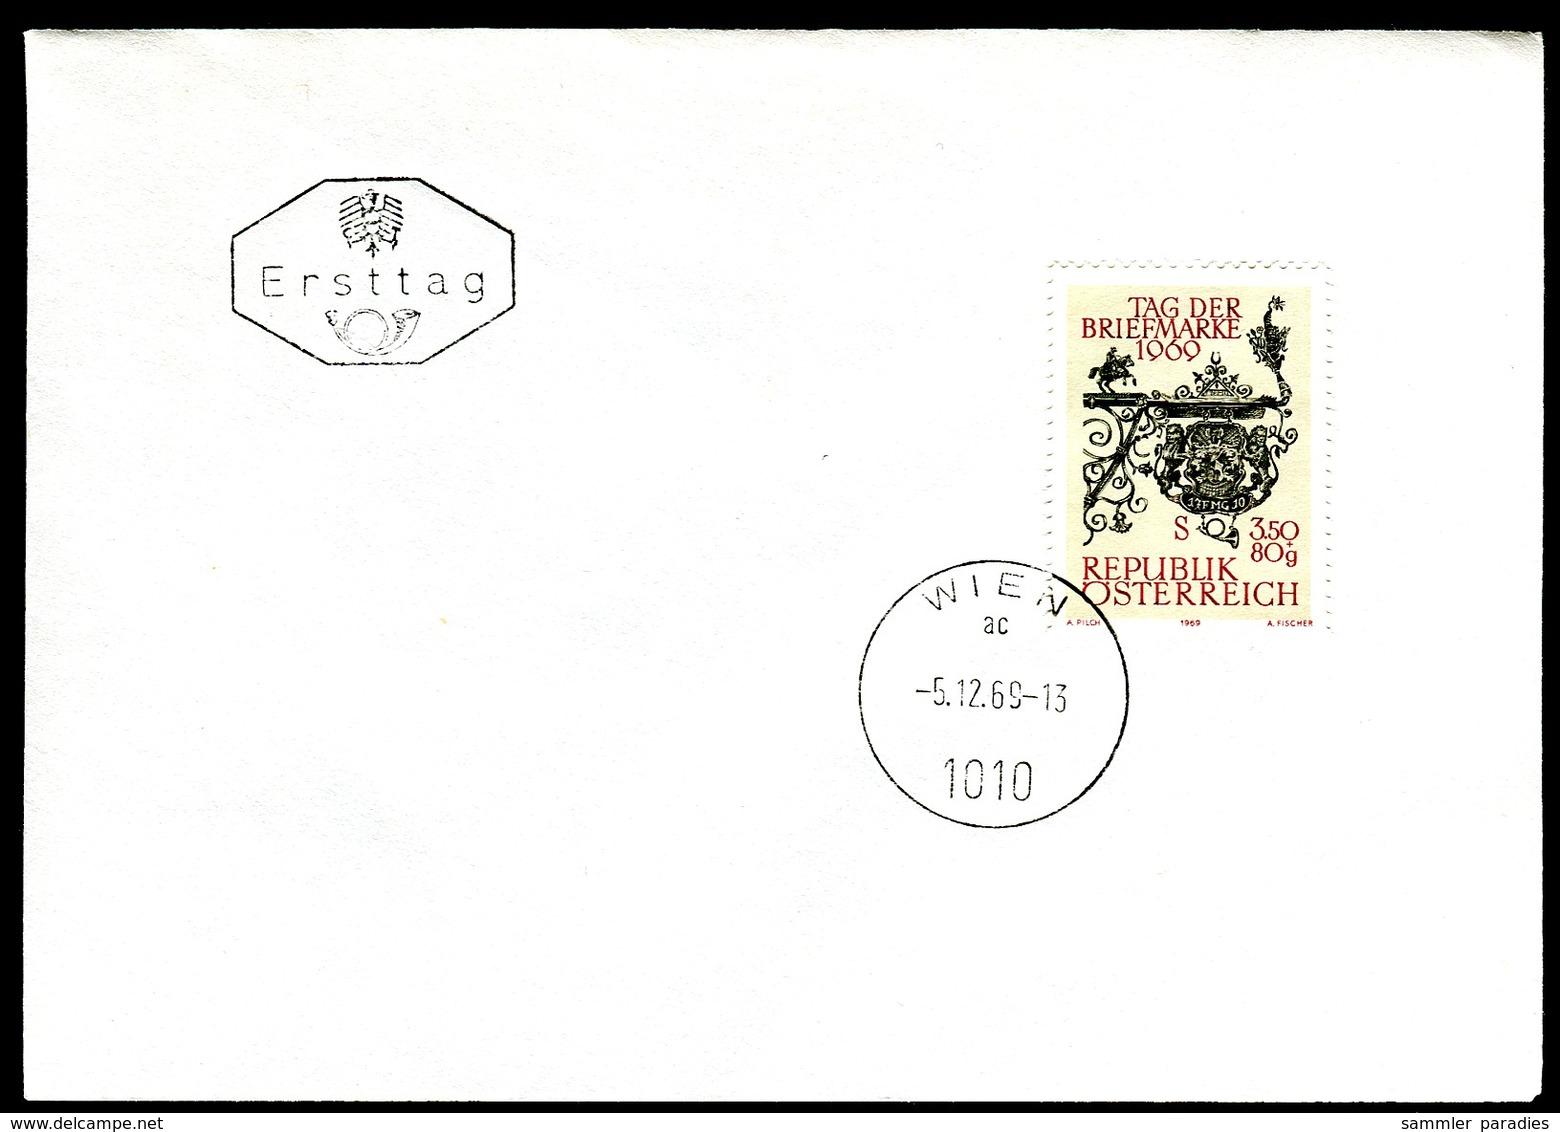 07419) Österreich - Mi 1319 - ANK 1349 - FDC - 3,50+0,80s     Tag Der Briefmarke 1969 - FDC